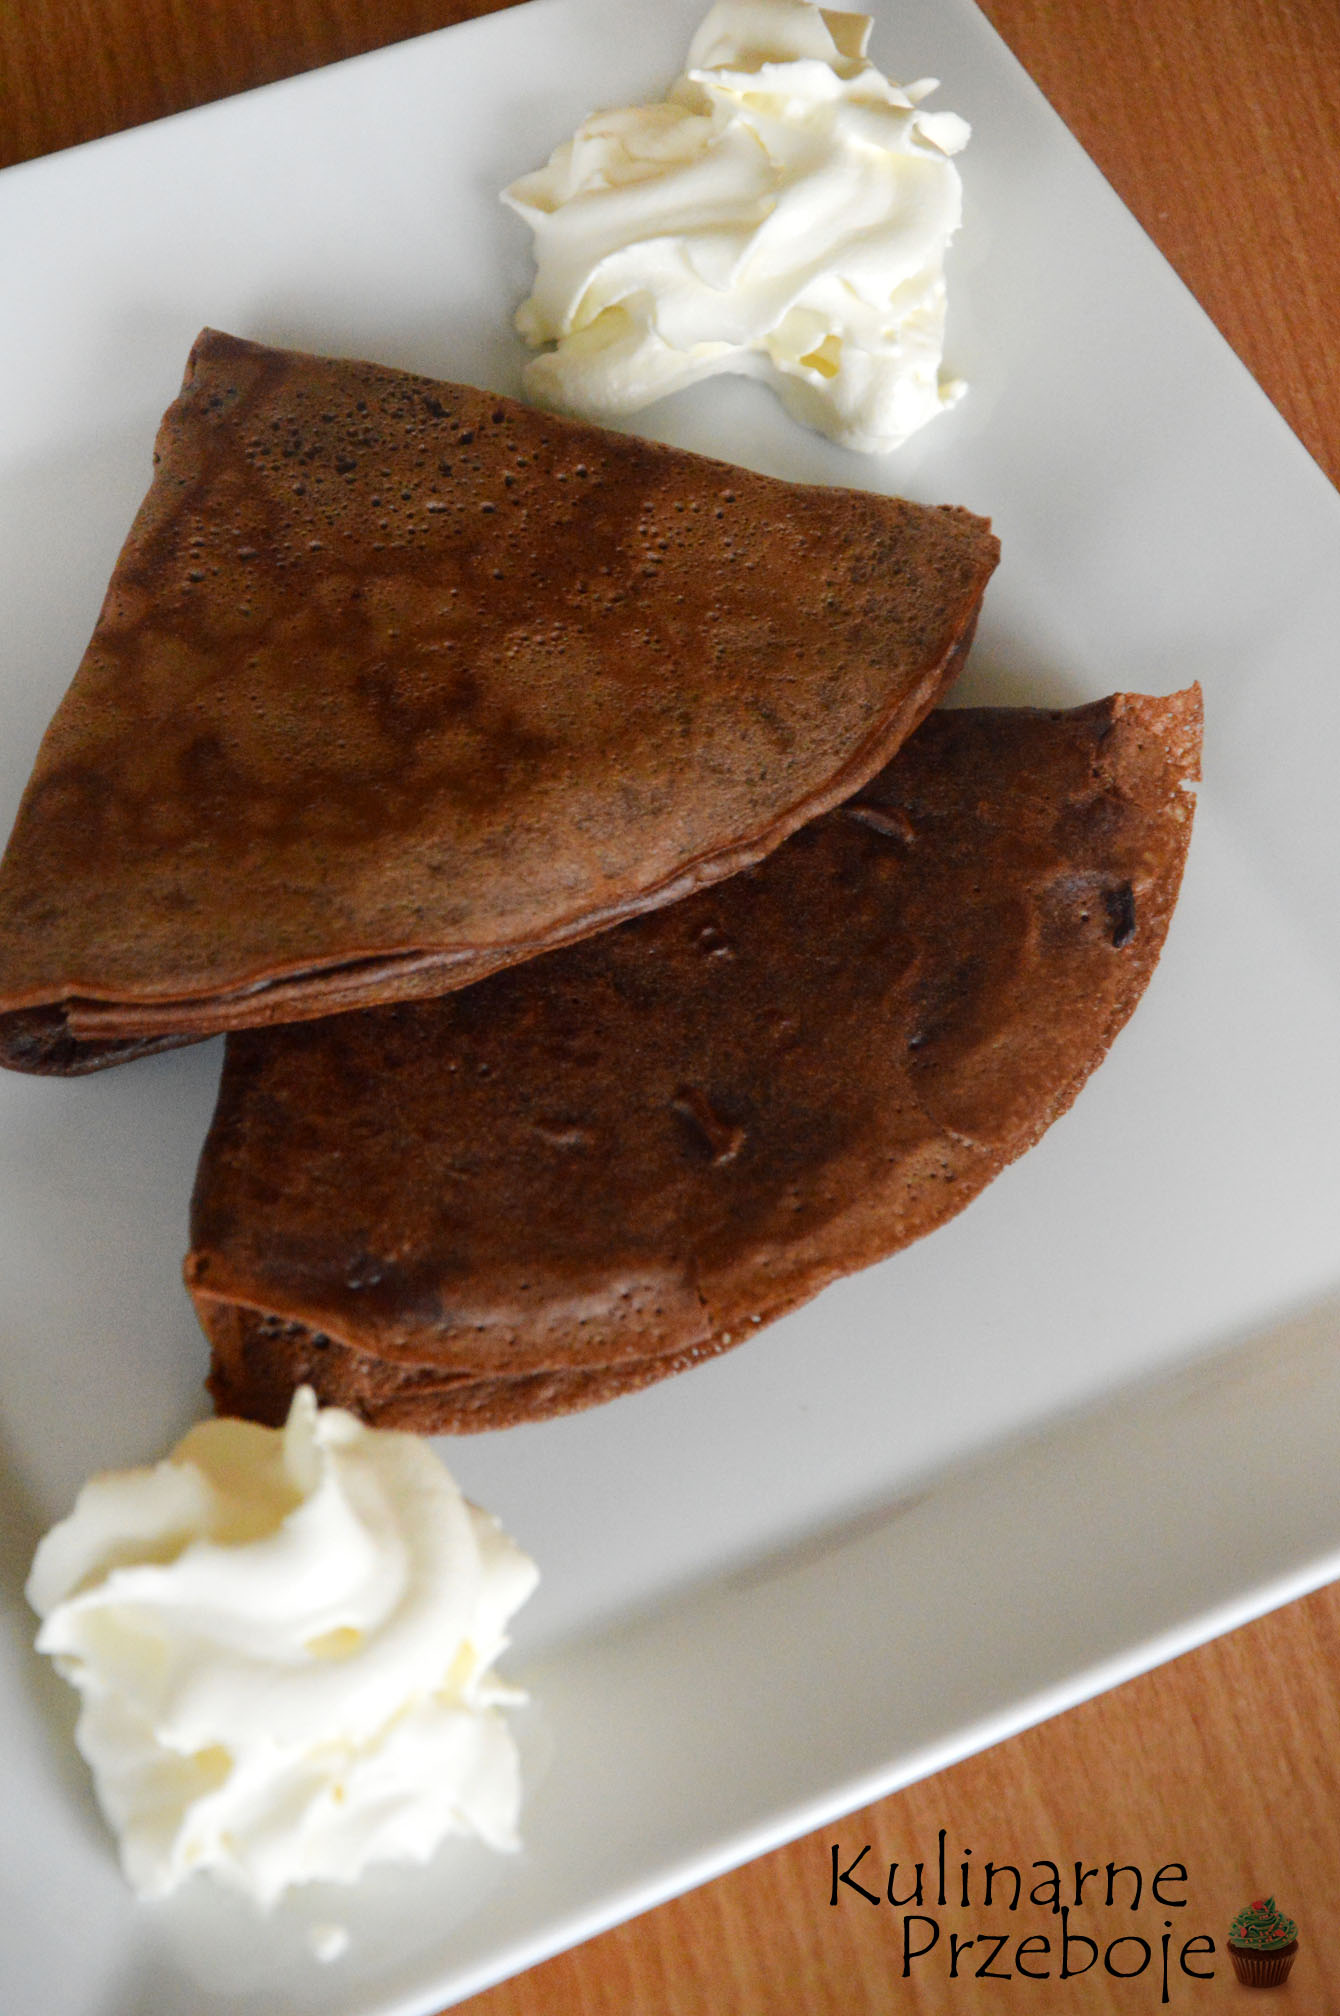 Dwa naleśniki czekoladowe na białym talerzu z dodatkiem bitej śmietany